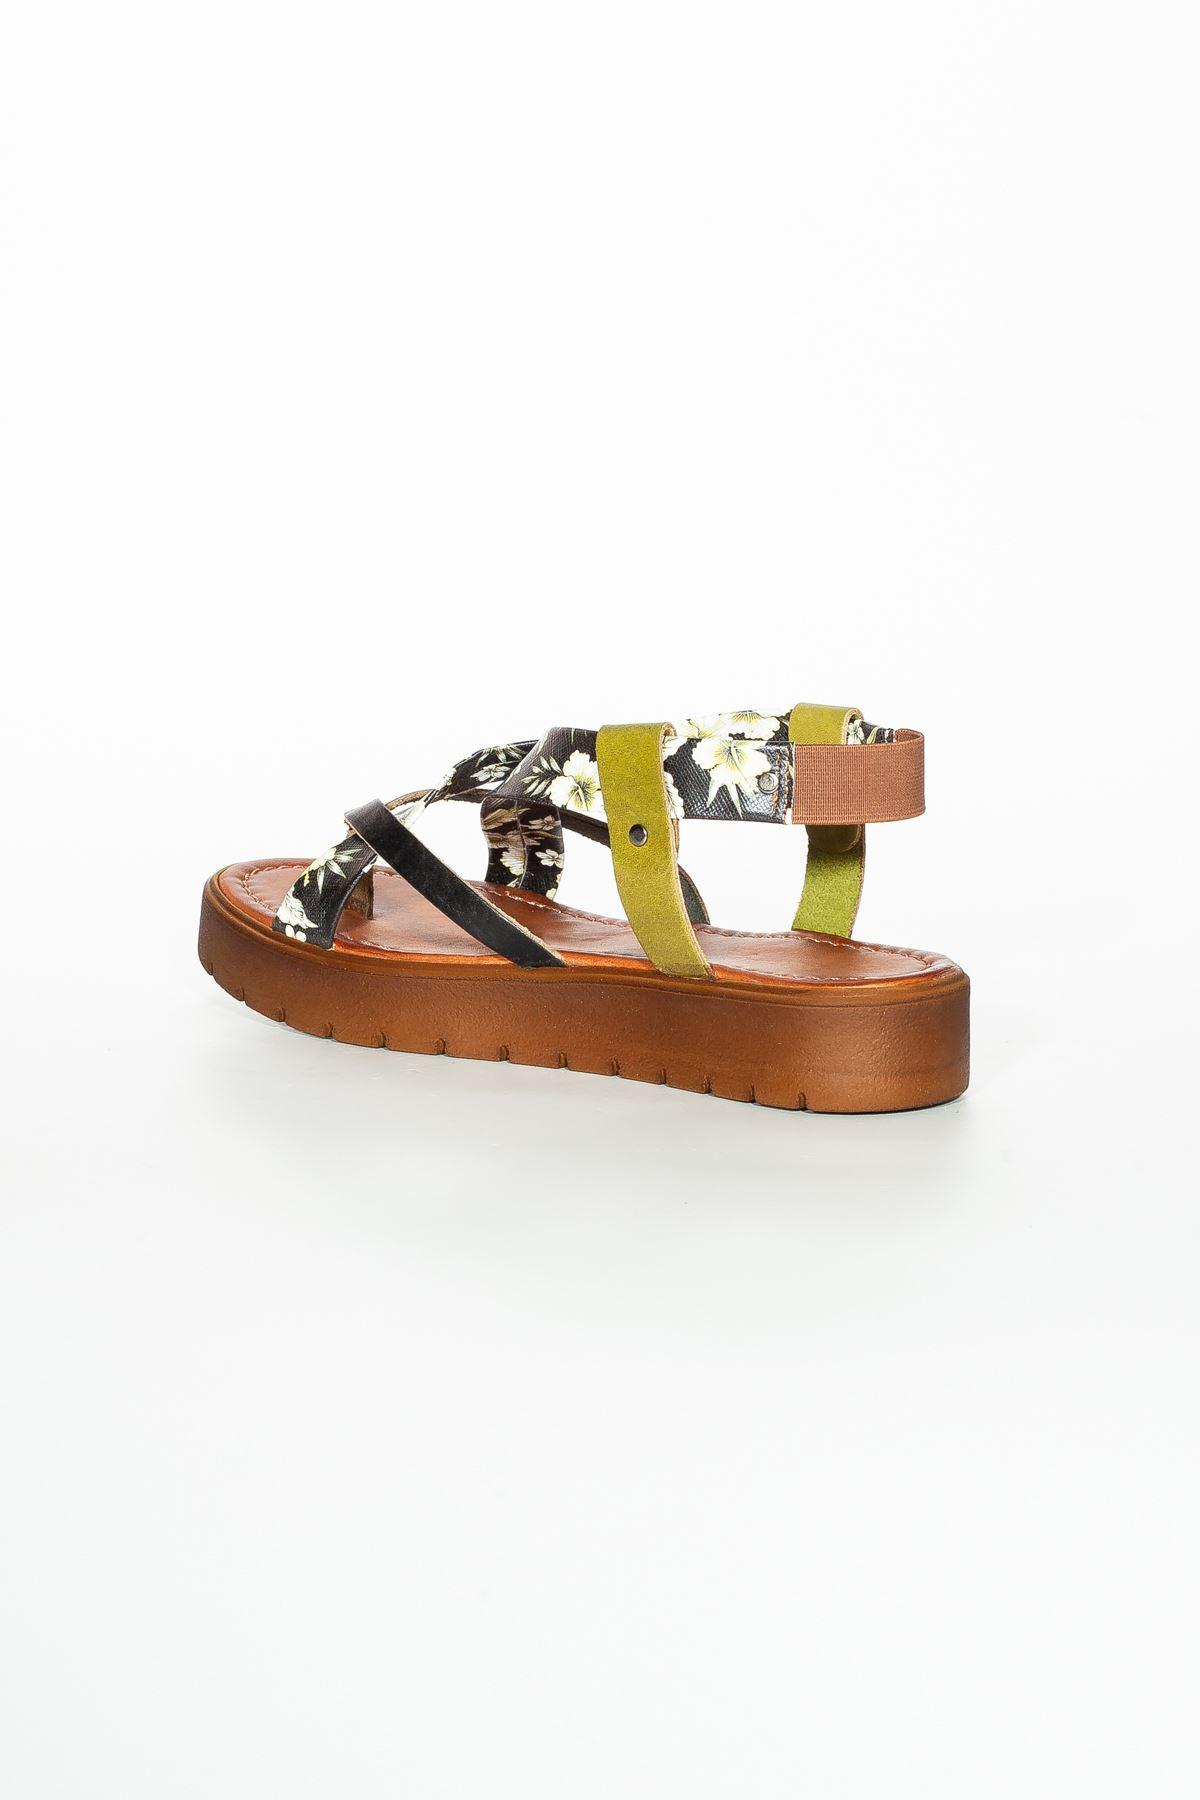 Deyre Hakiki Deri Siyah Yeşil Çiçekli Kadın Sandalet RT-3166